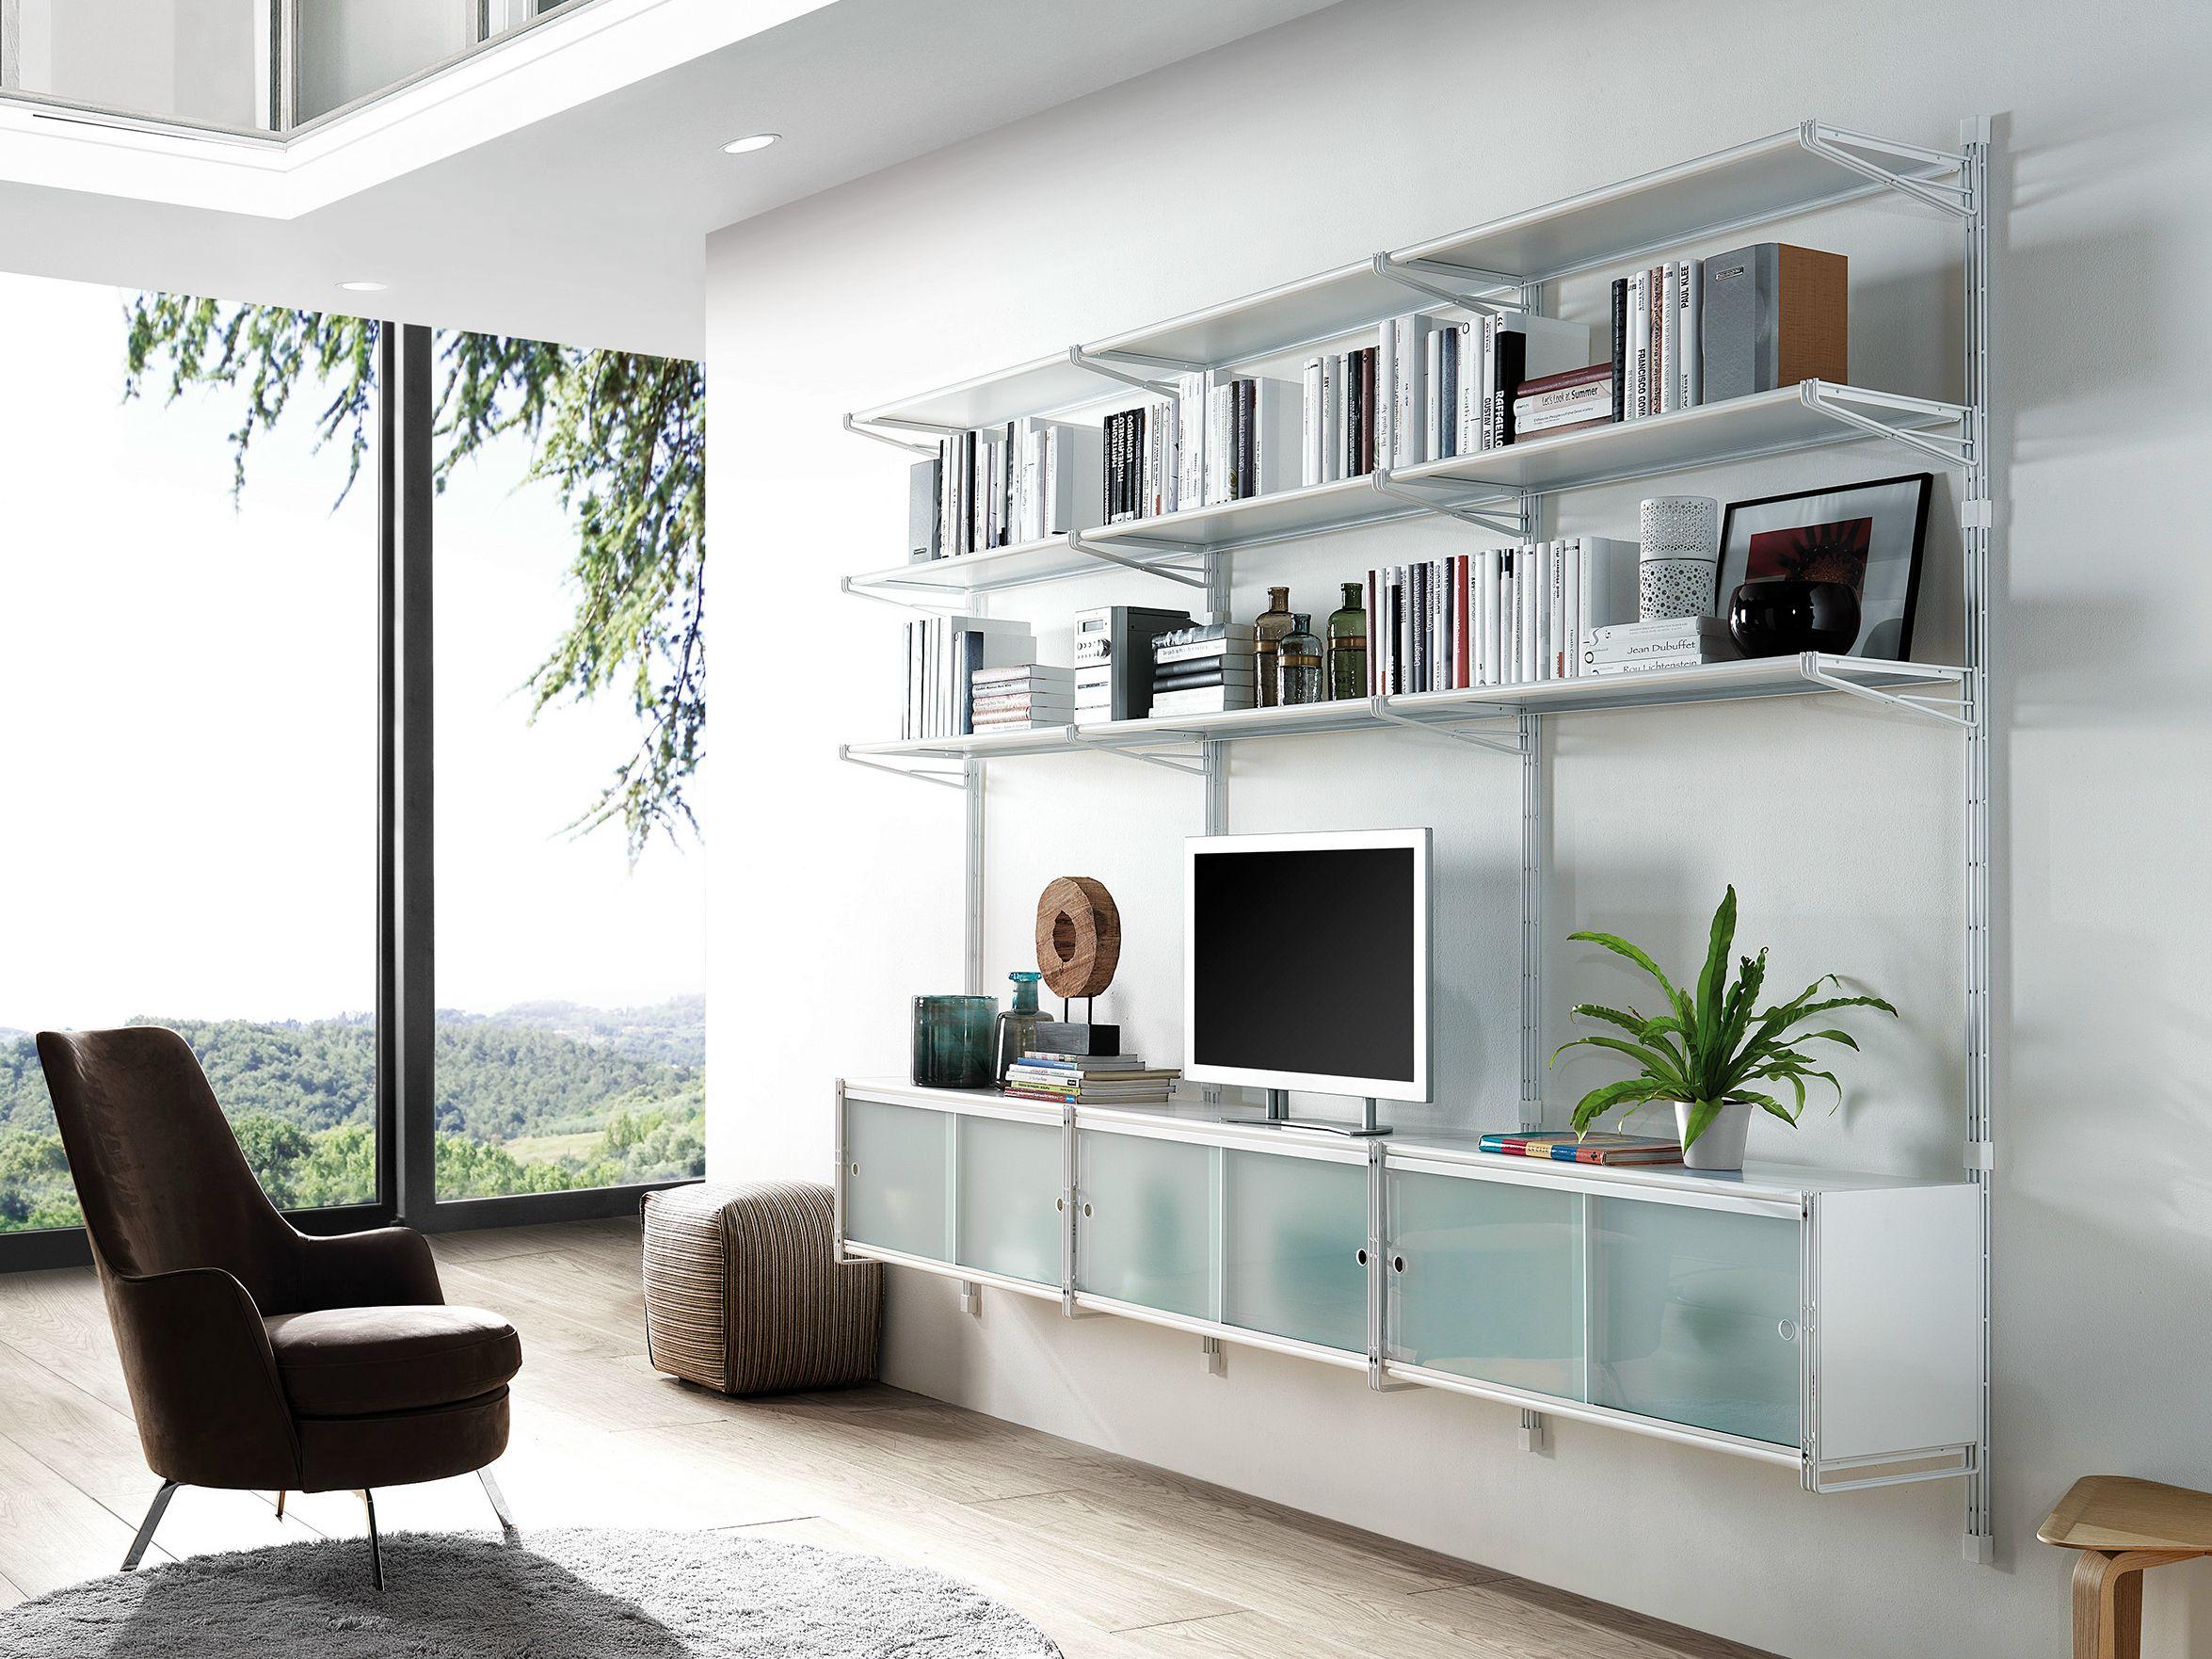 Socrate home libreria a parete by caimi brevetti design - Libreria a parete ...